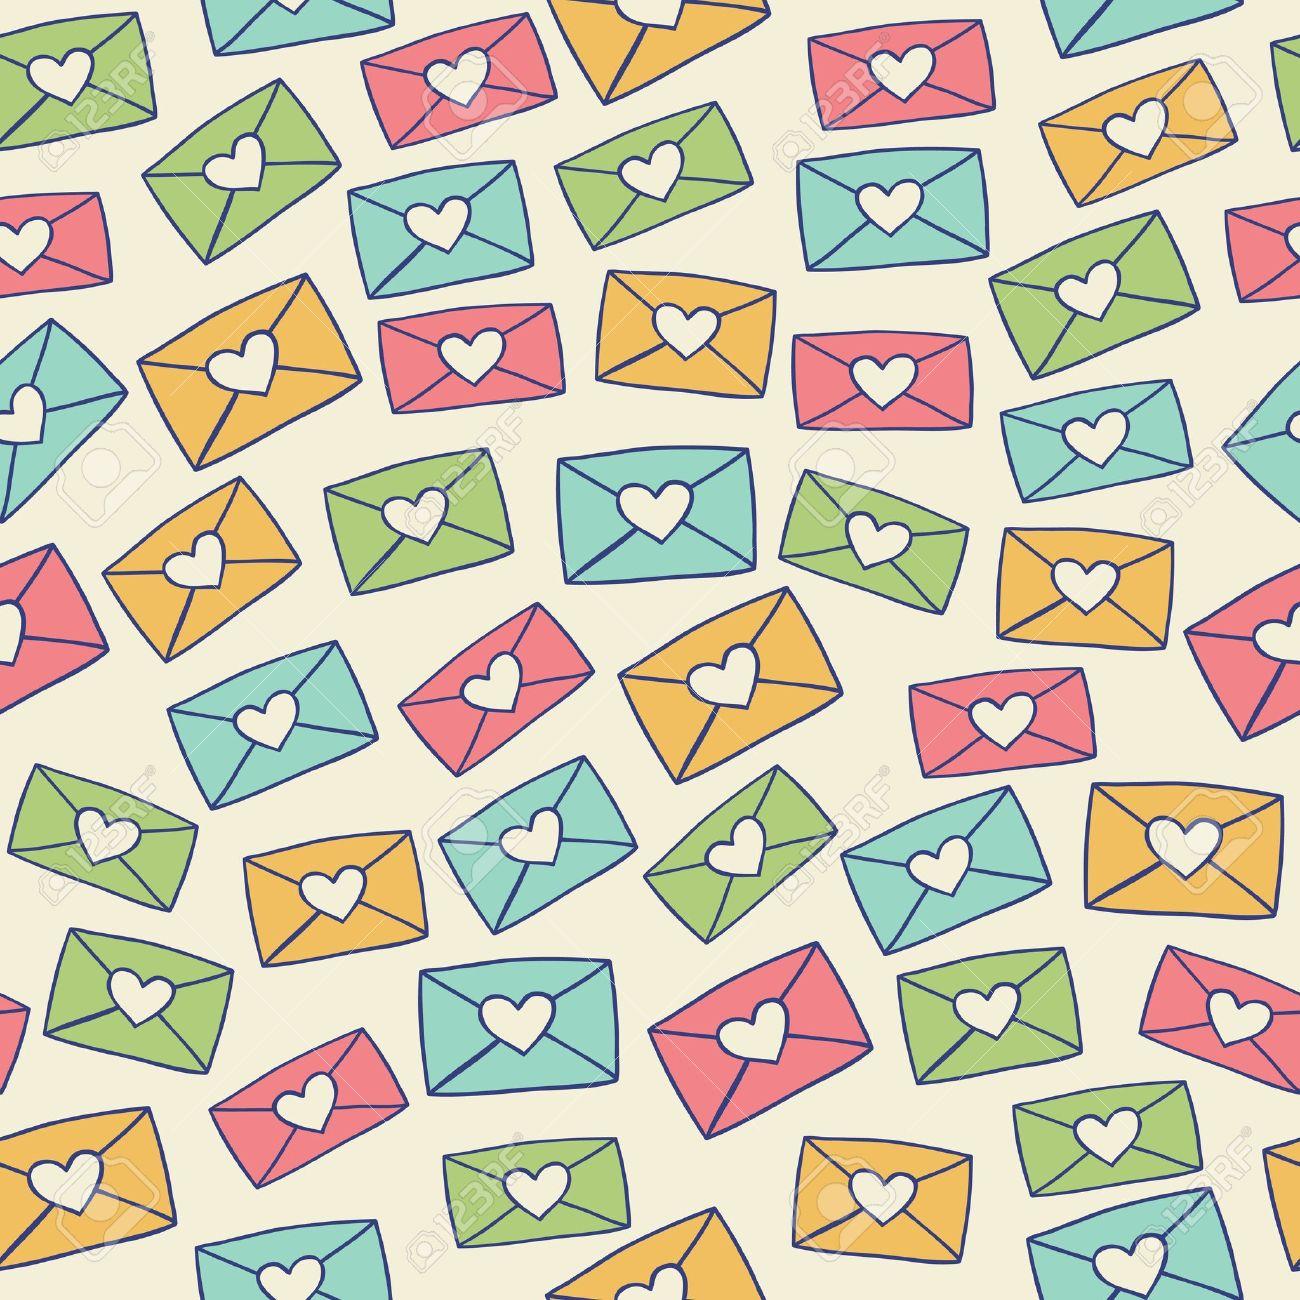 色愛の手紙をベクトル イラストかわいいシームレスなパターン